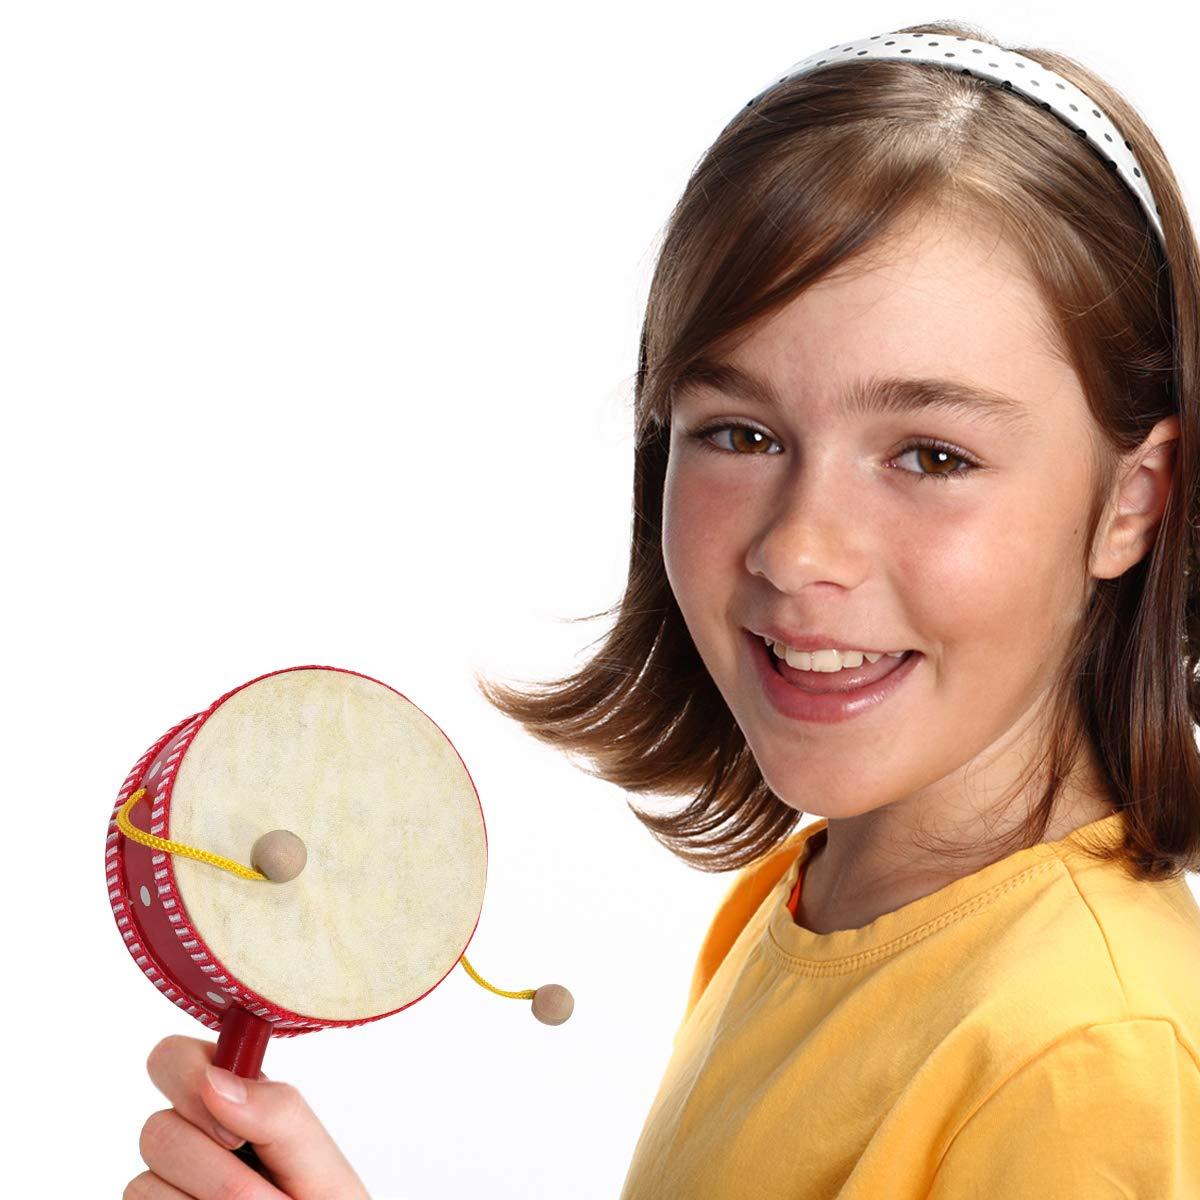 inTemenos Monkey Drum - Spinning Balance Drum 4 inch String Drum by inTemenos